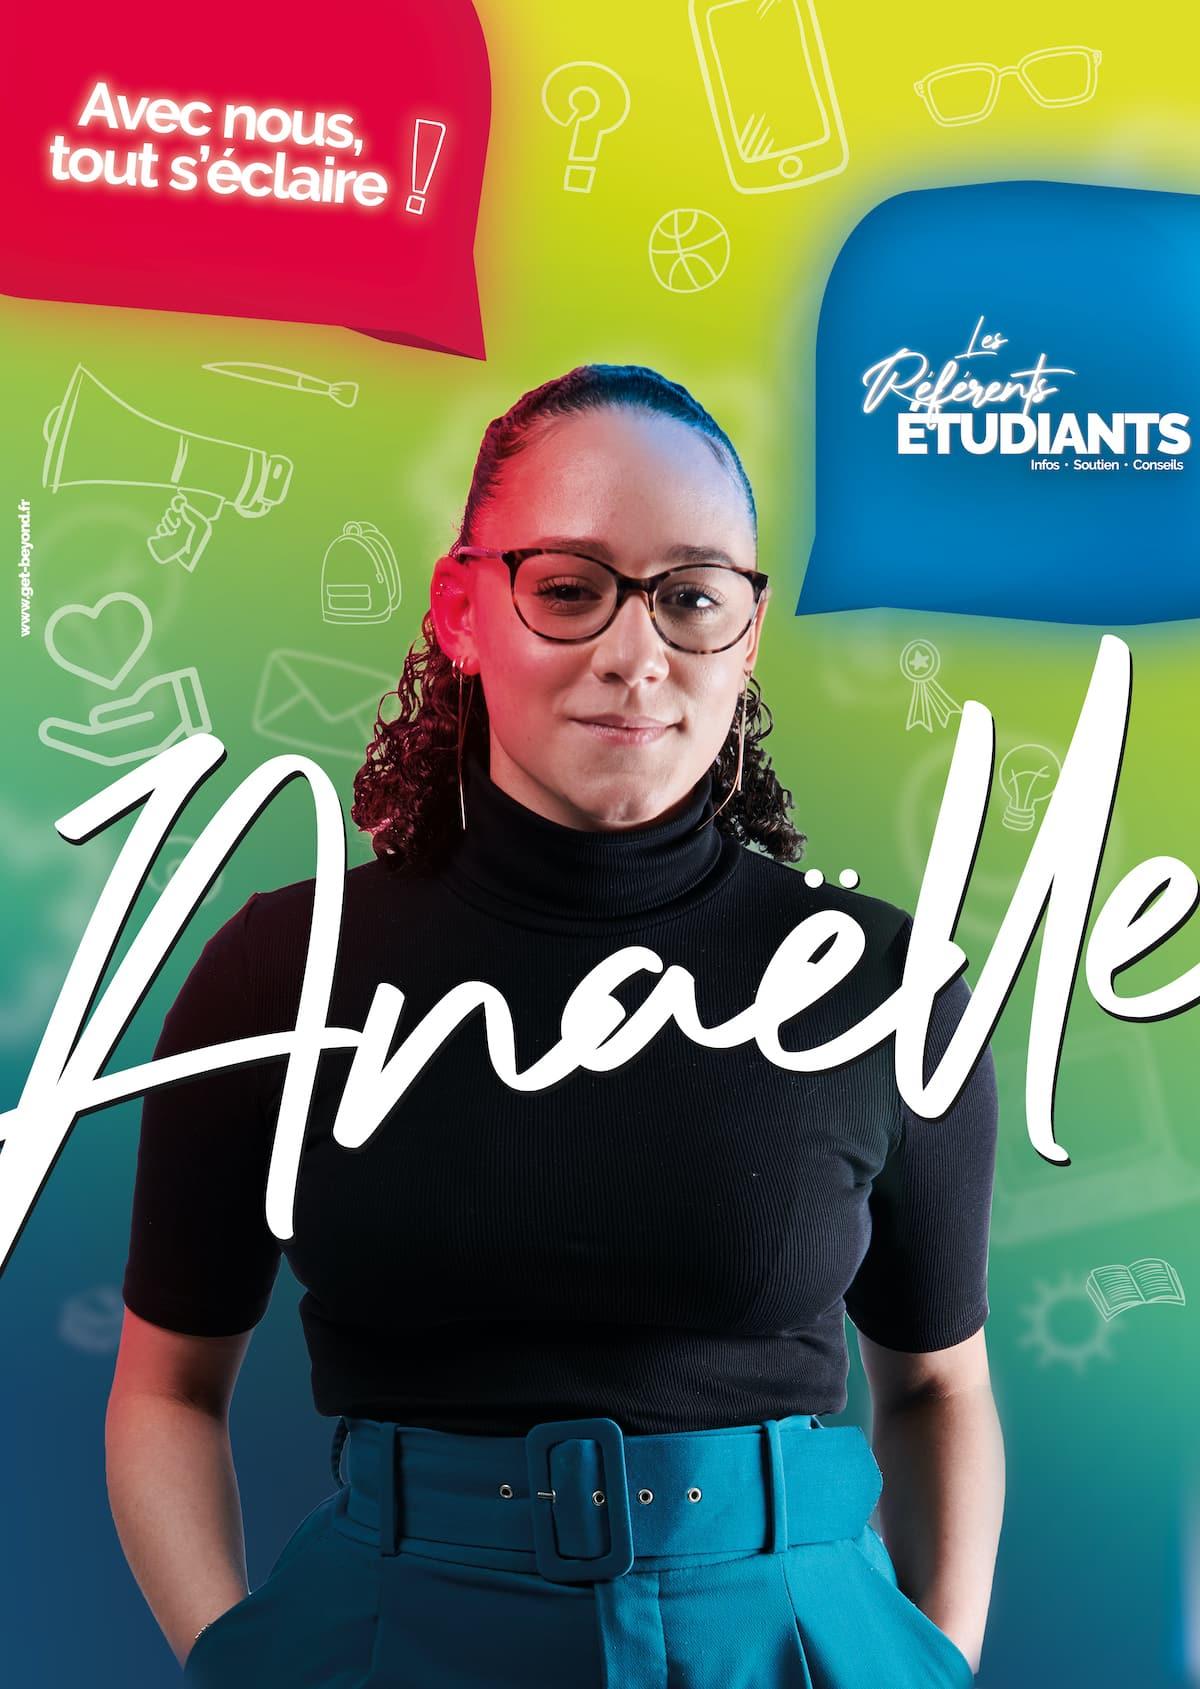 Affiche Anaëlle - Référents Etudiants - Tours